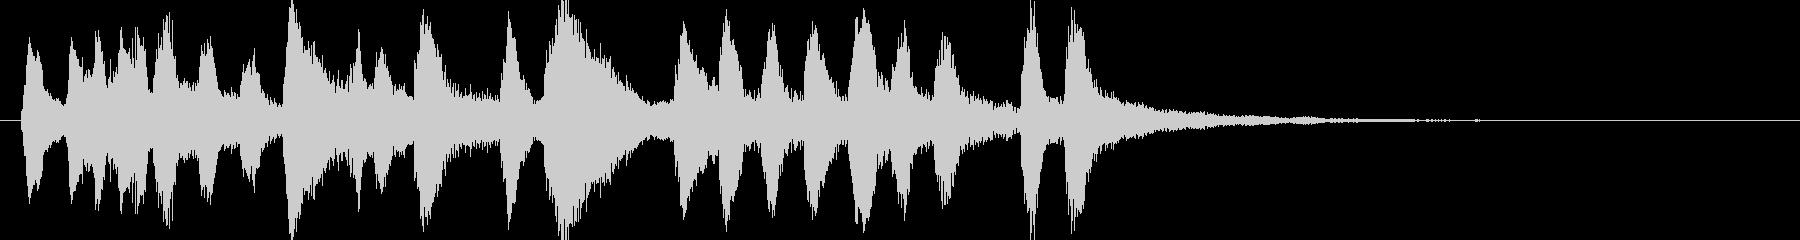 弦楽器とチェンバロによるジングルの未再生の波形